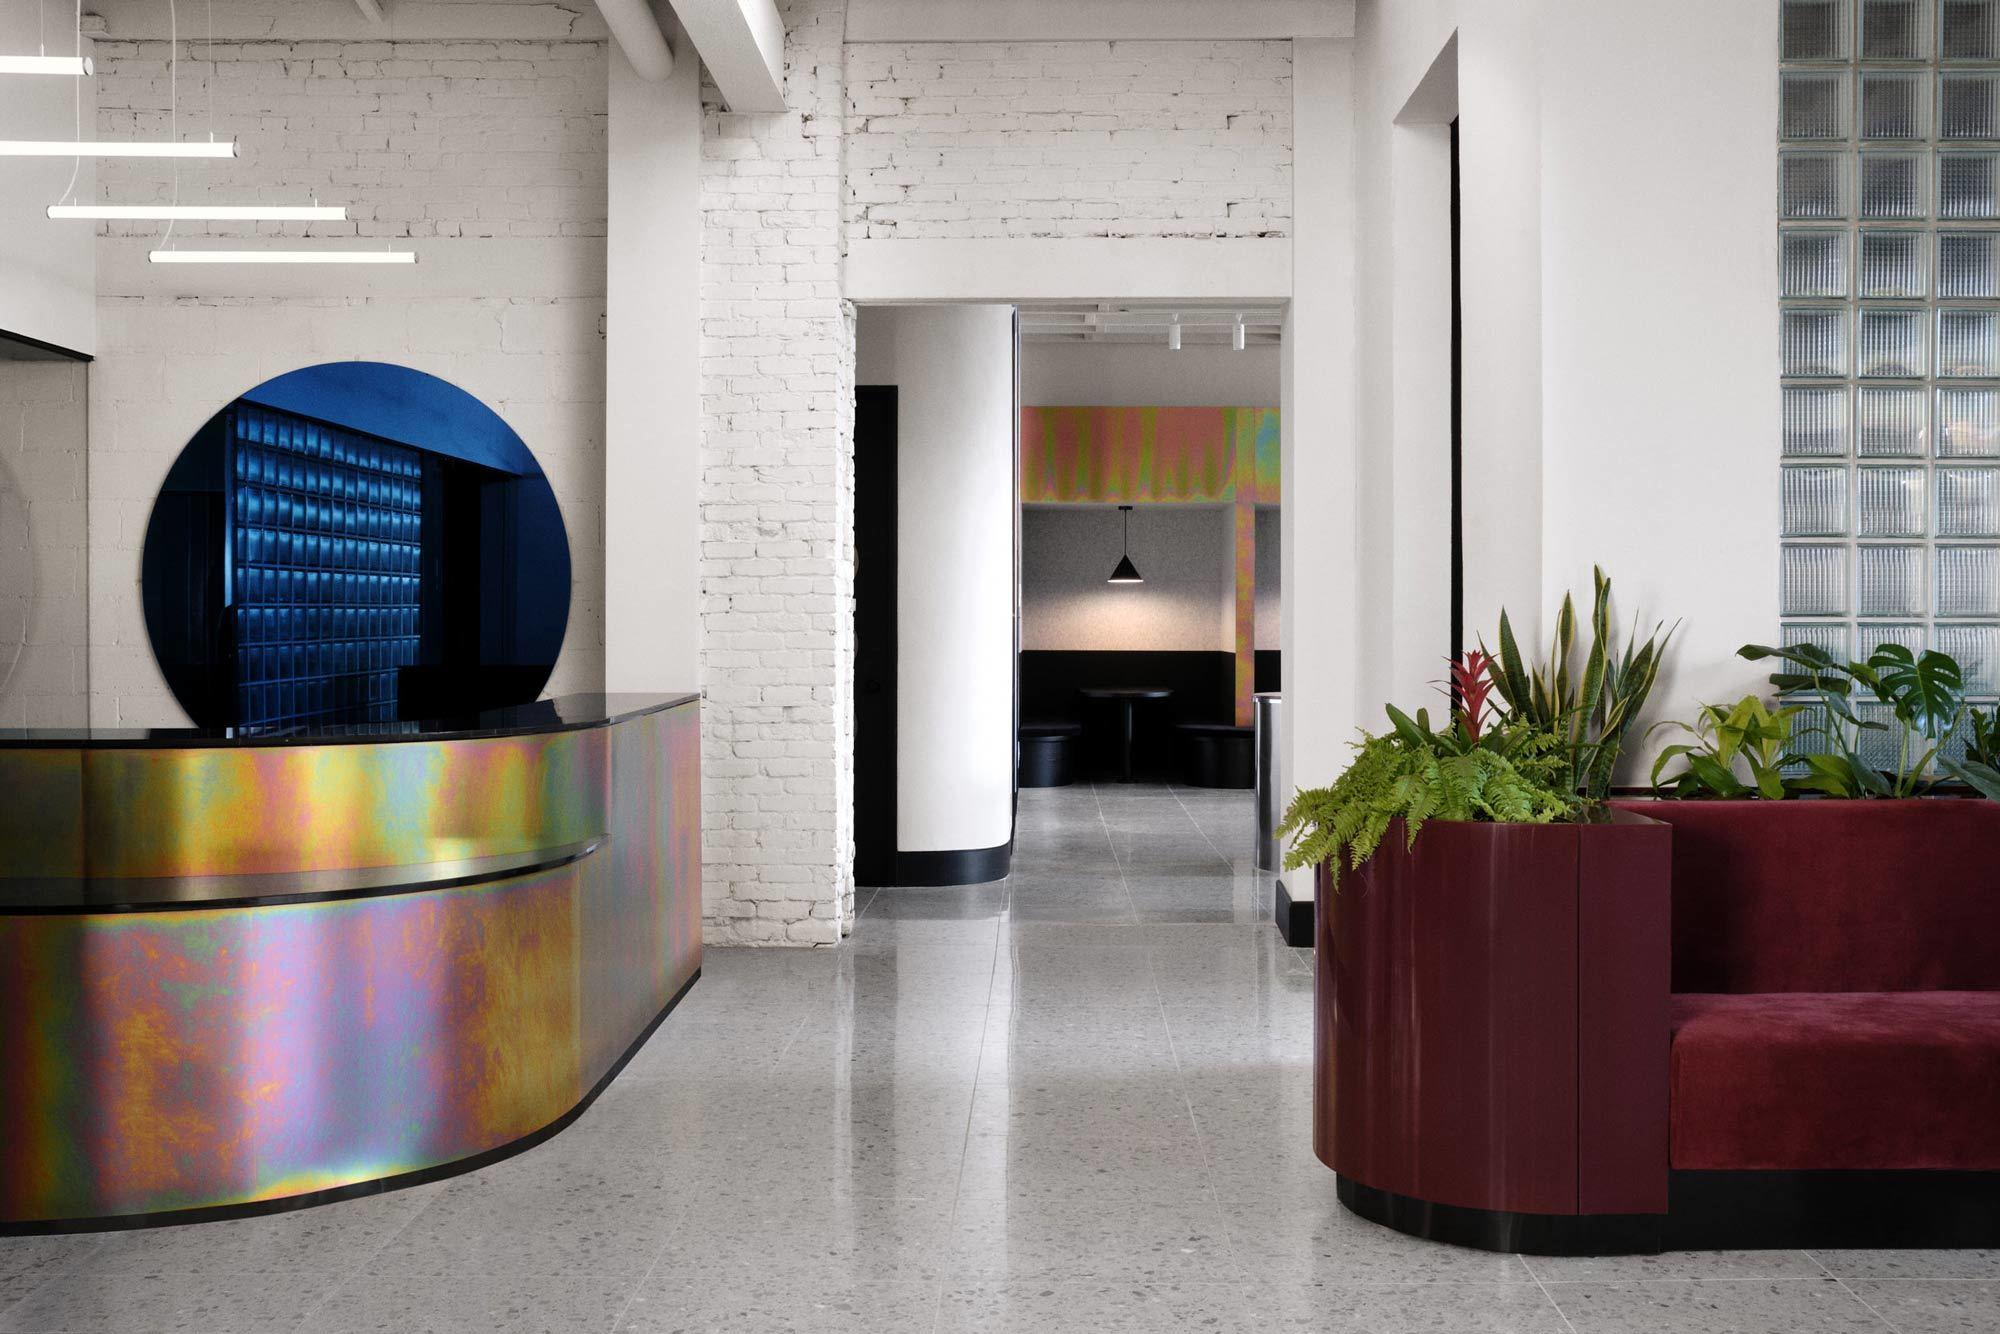 Alter Backstein, samtige Sofas, irisierende Oberflächen: Der Co-Working-Space Spacial von Ivy Studio im kanadischen Montreal ist ein sinnliches Erlebnis.